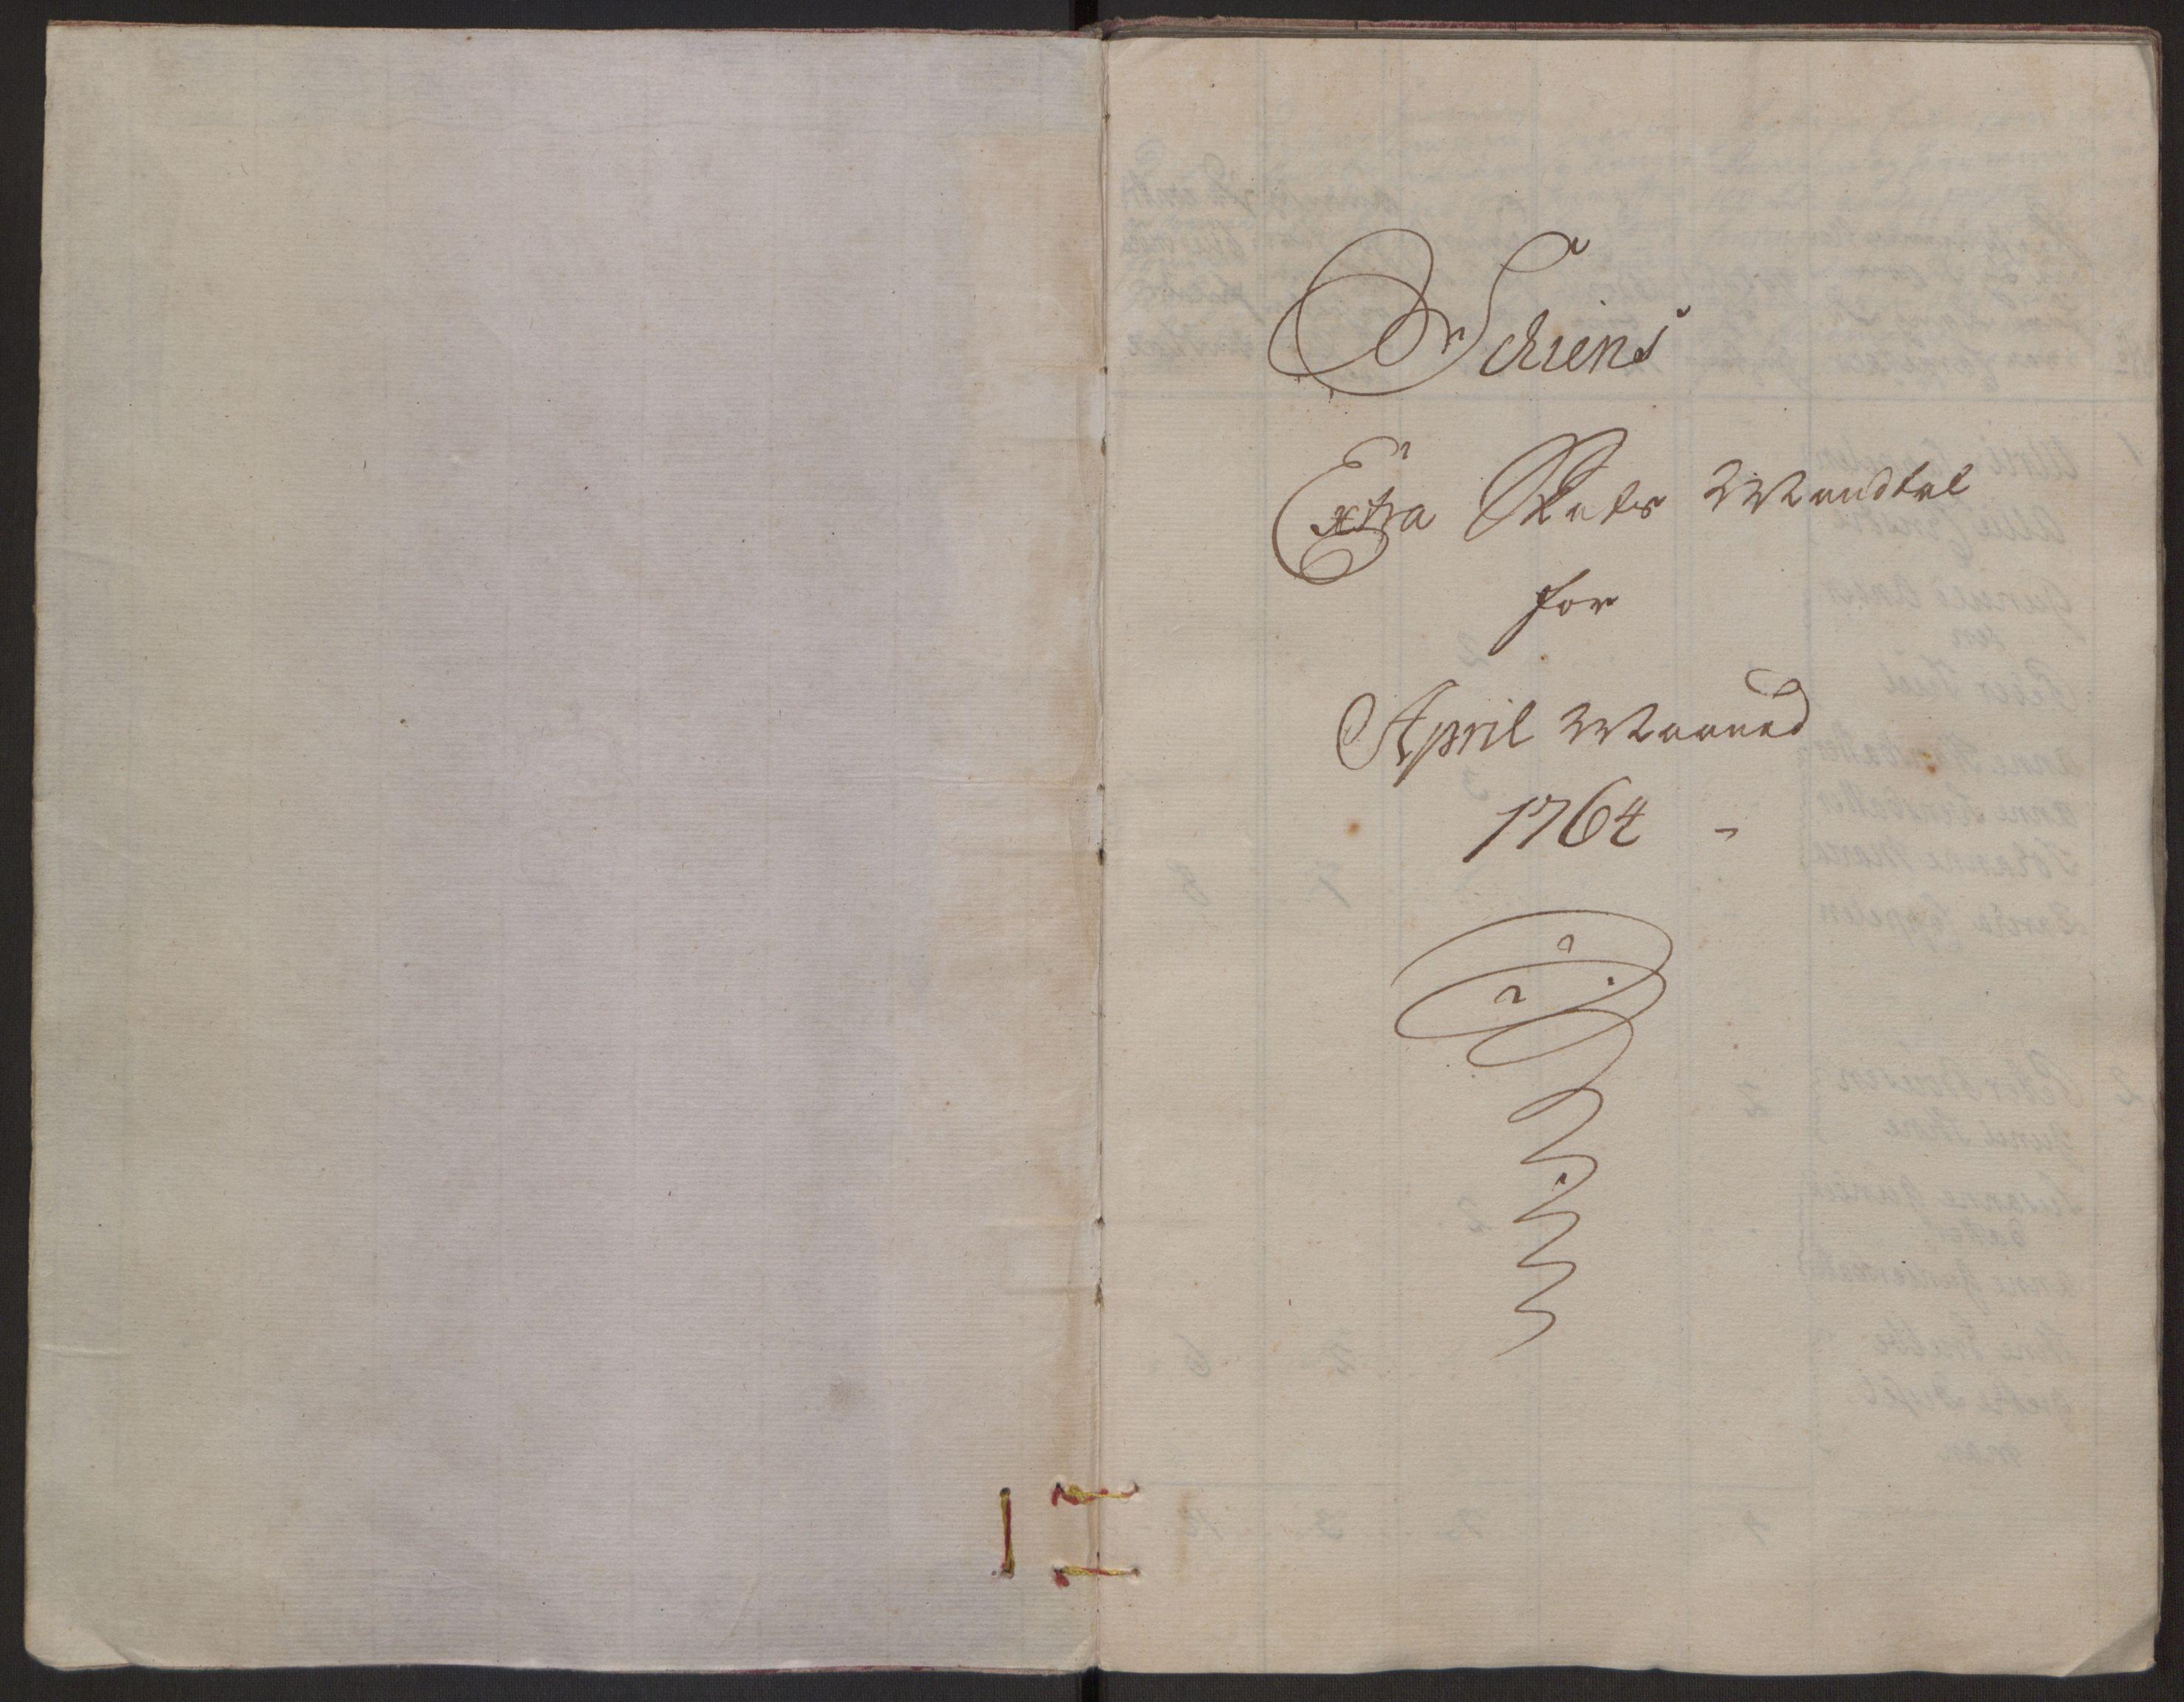 RA, Rentekammeret inntil 1814, Reviderte regnskaper, Byregnskaper, R/Rj/L0198: [J4] Kontribusjonsregnskap, 1762-1768, s. 196